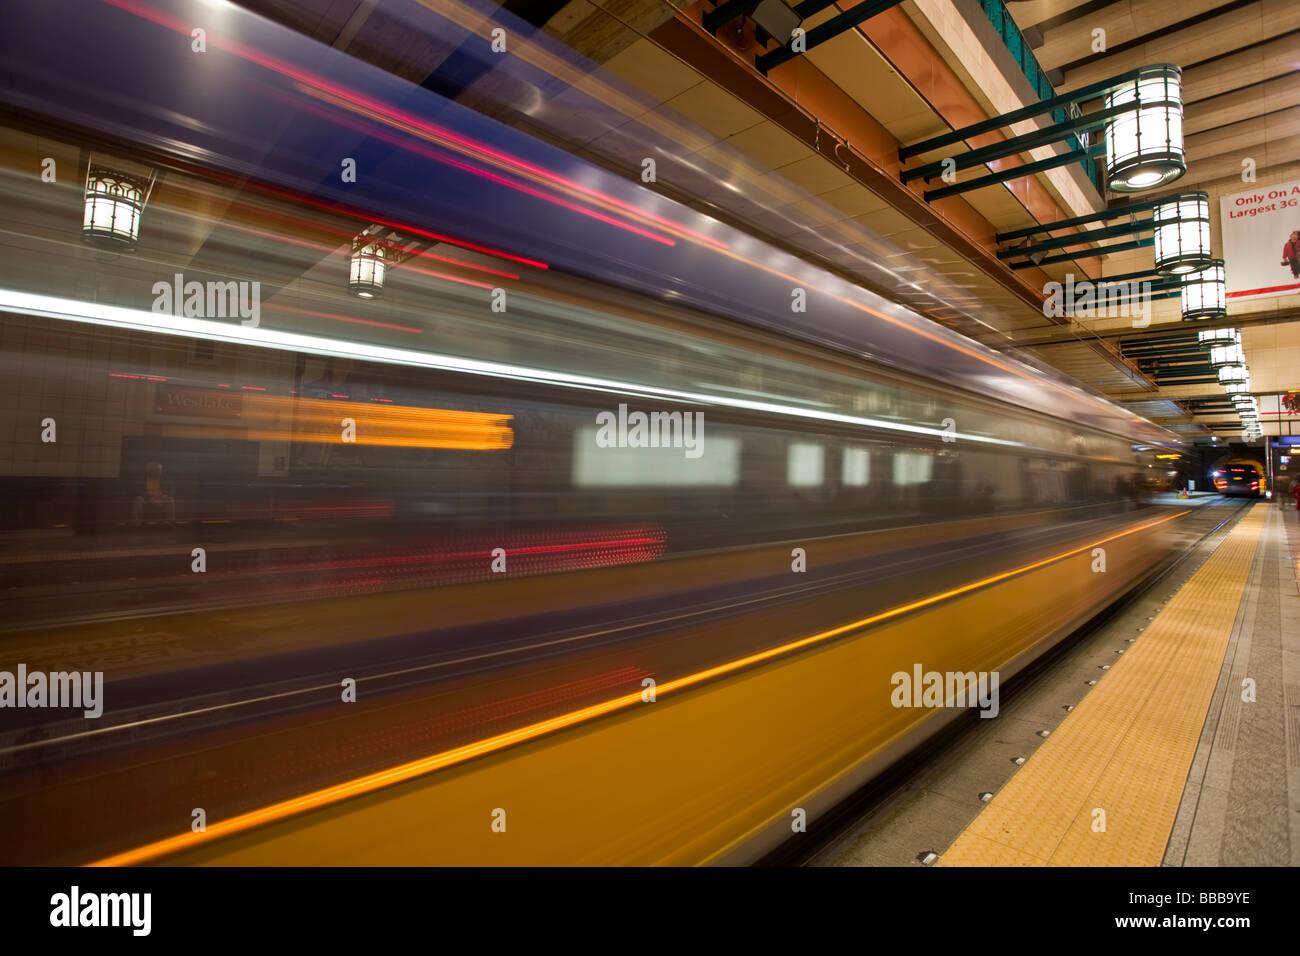 Seattle WA Westlake gare l'une des cinq stations dans le tunnel de transport en commun de Seattle Photo Stock